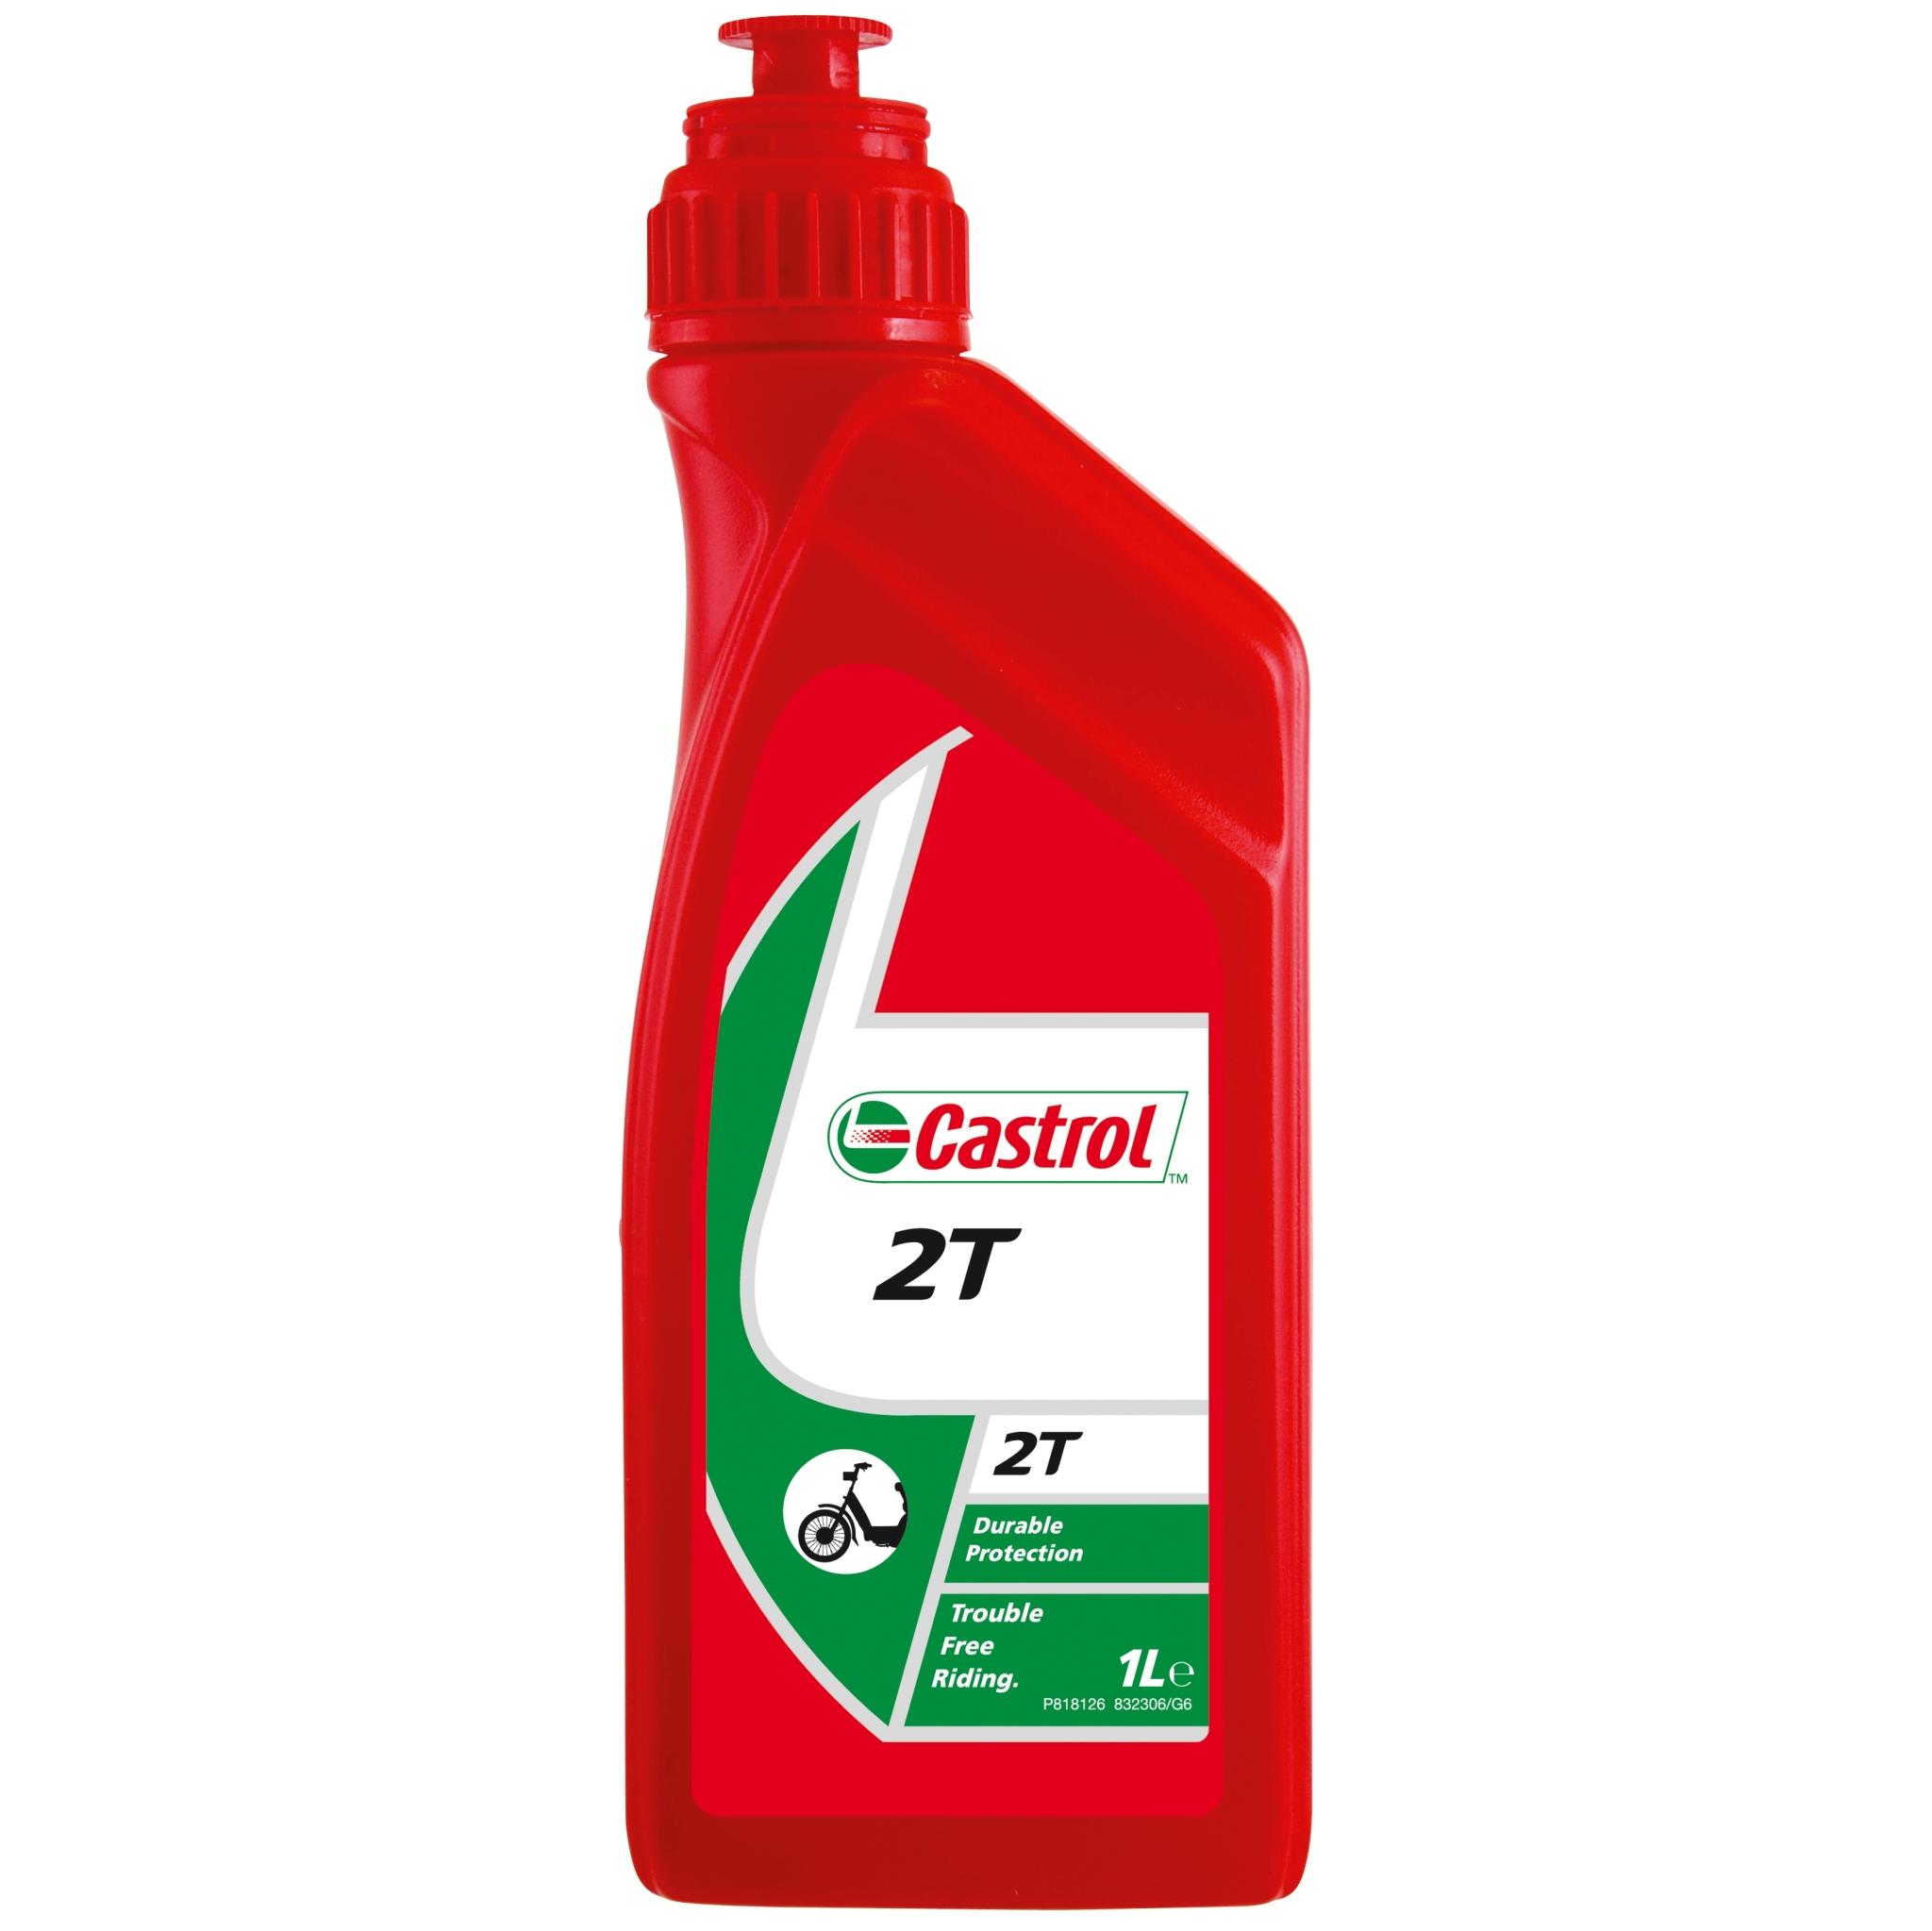 2T 1 liter